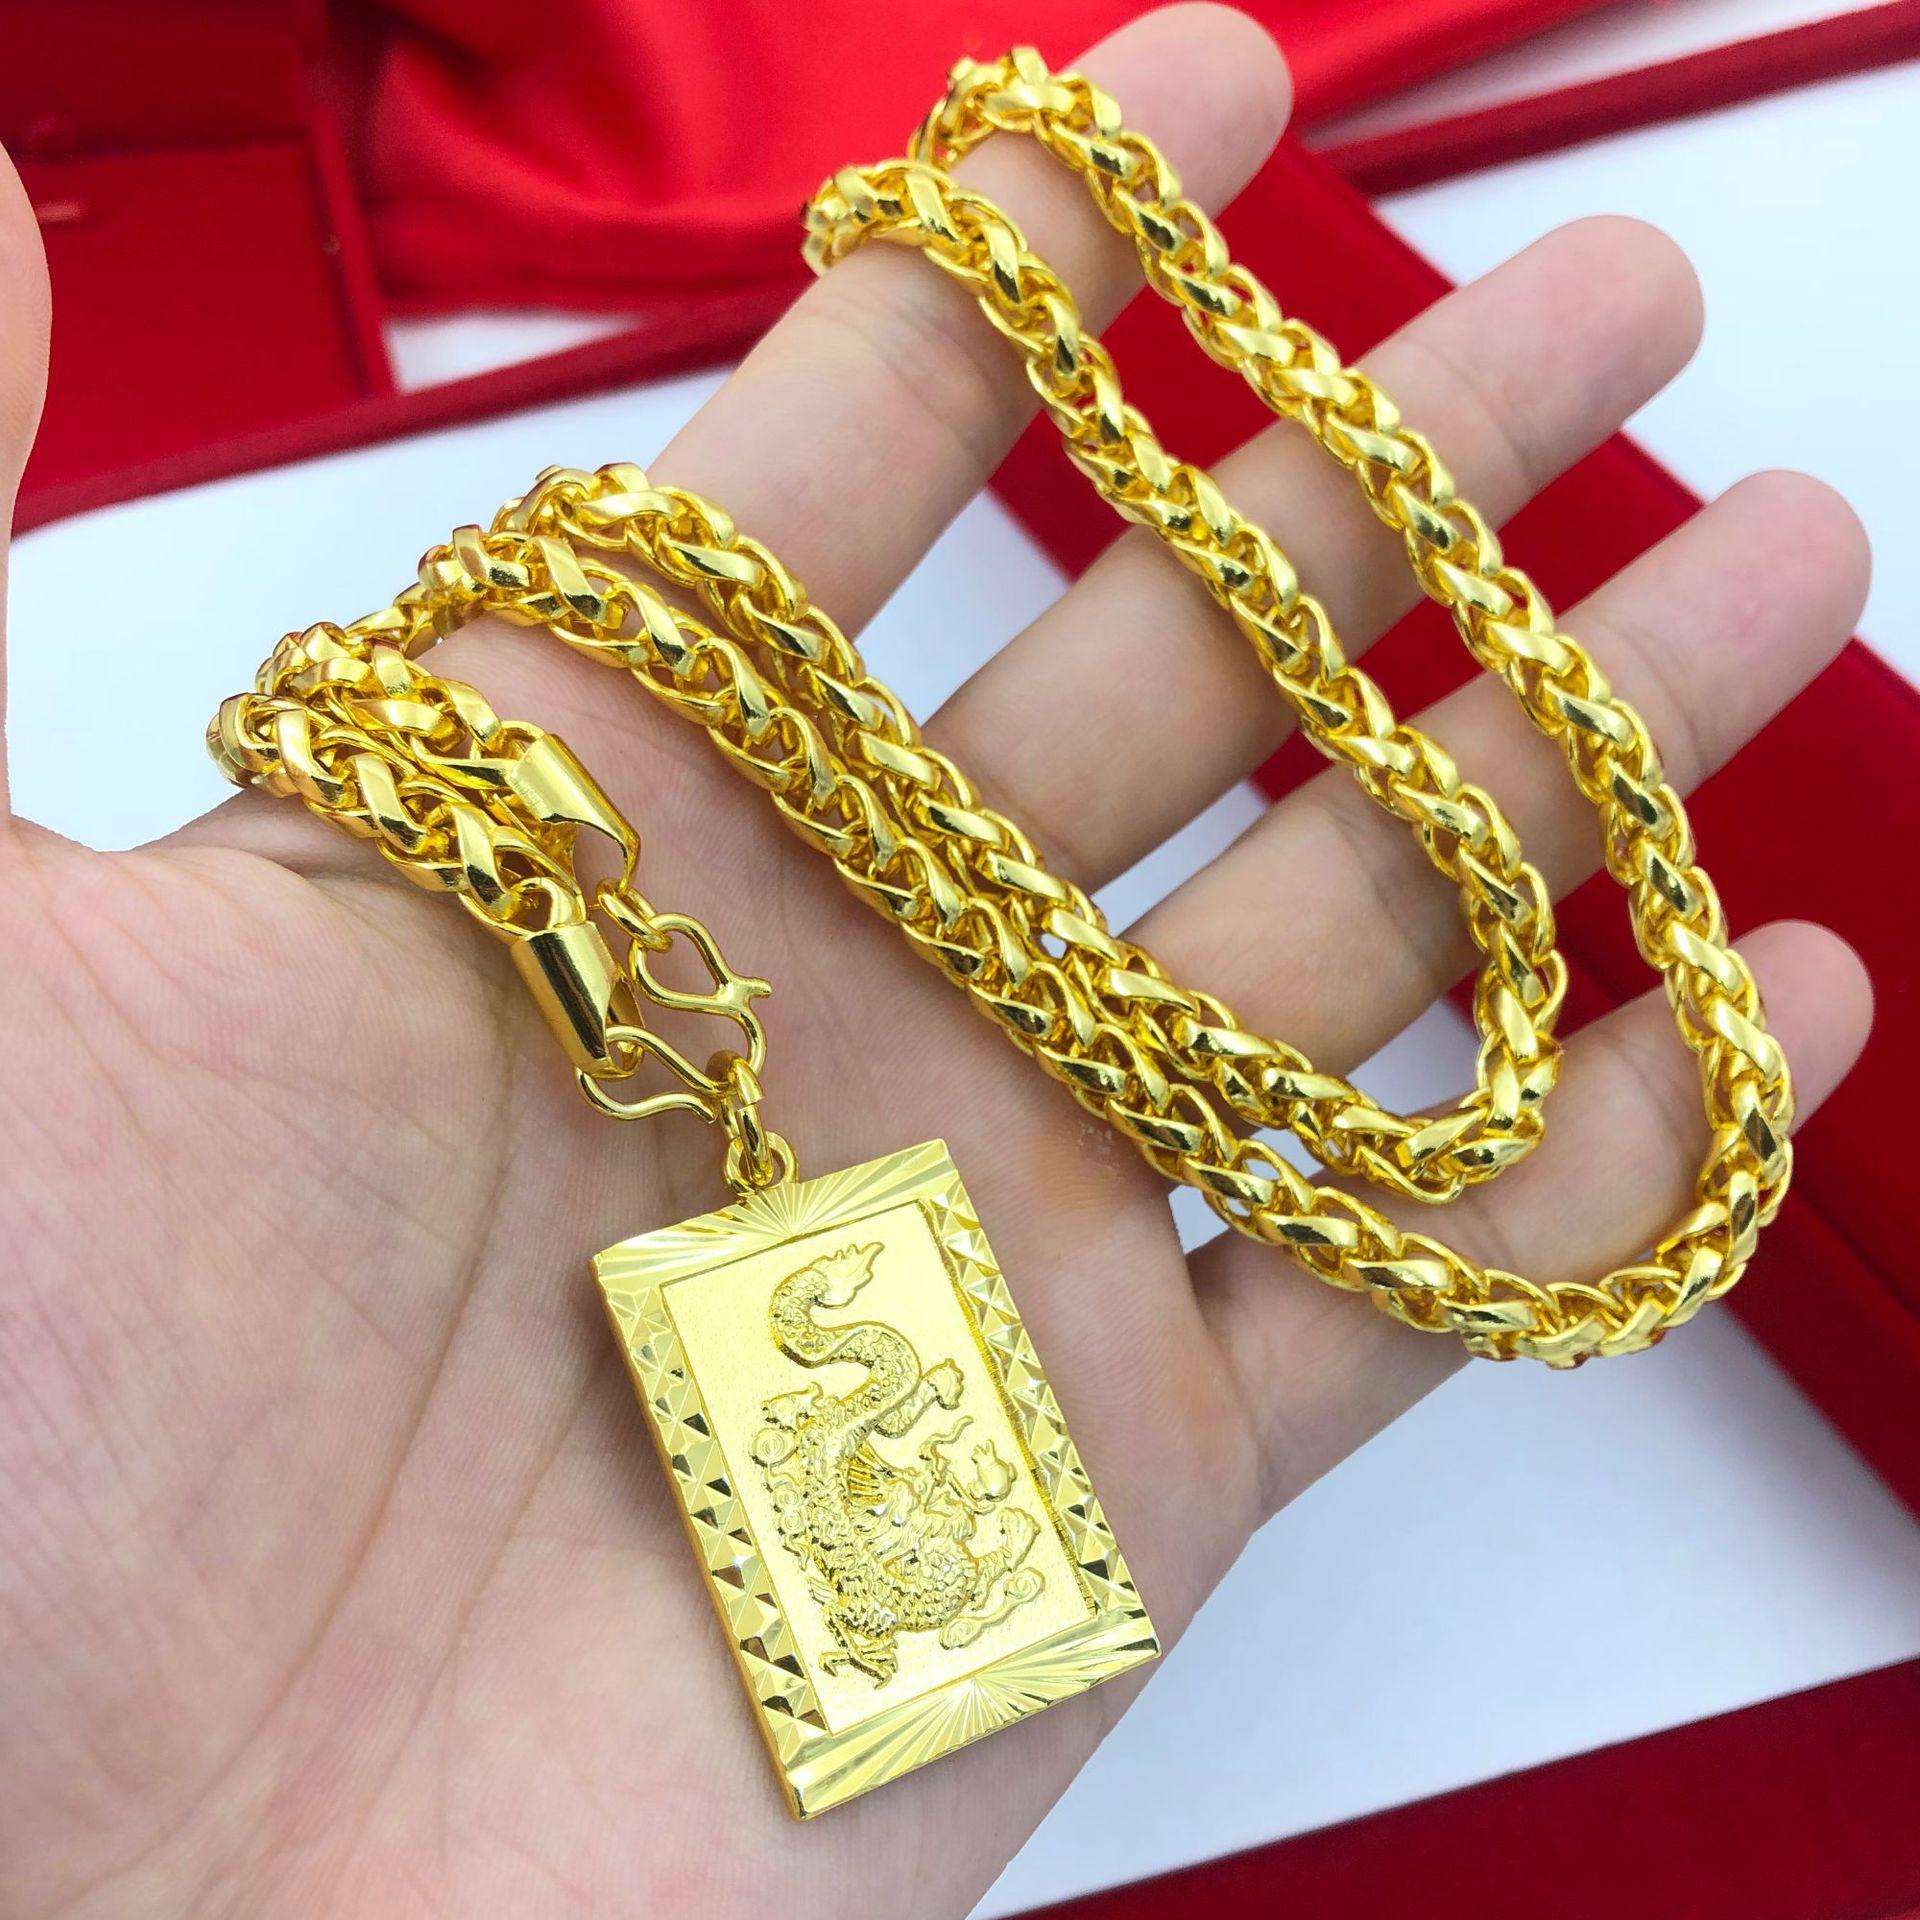 Deal tại Lazada cho Mặt Dây Chuyền Nam Thời Trang Rồng Nhả Ngọc 24k